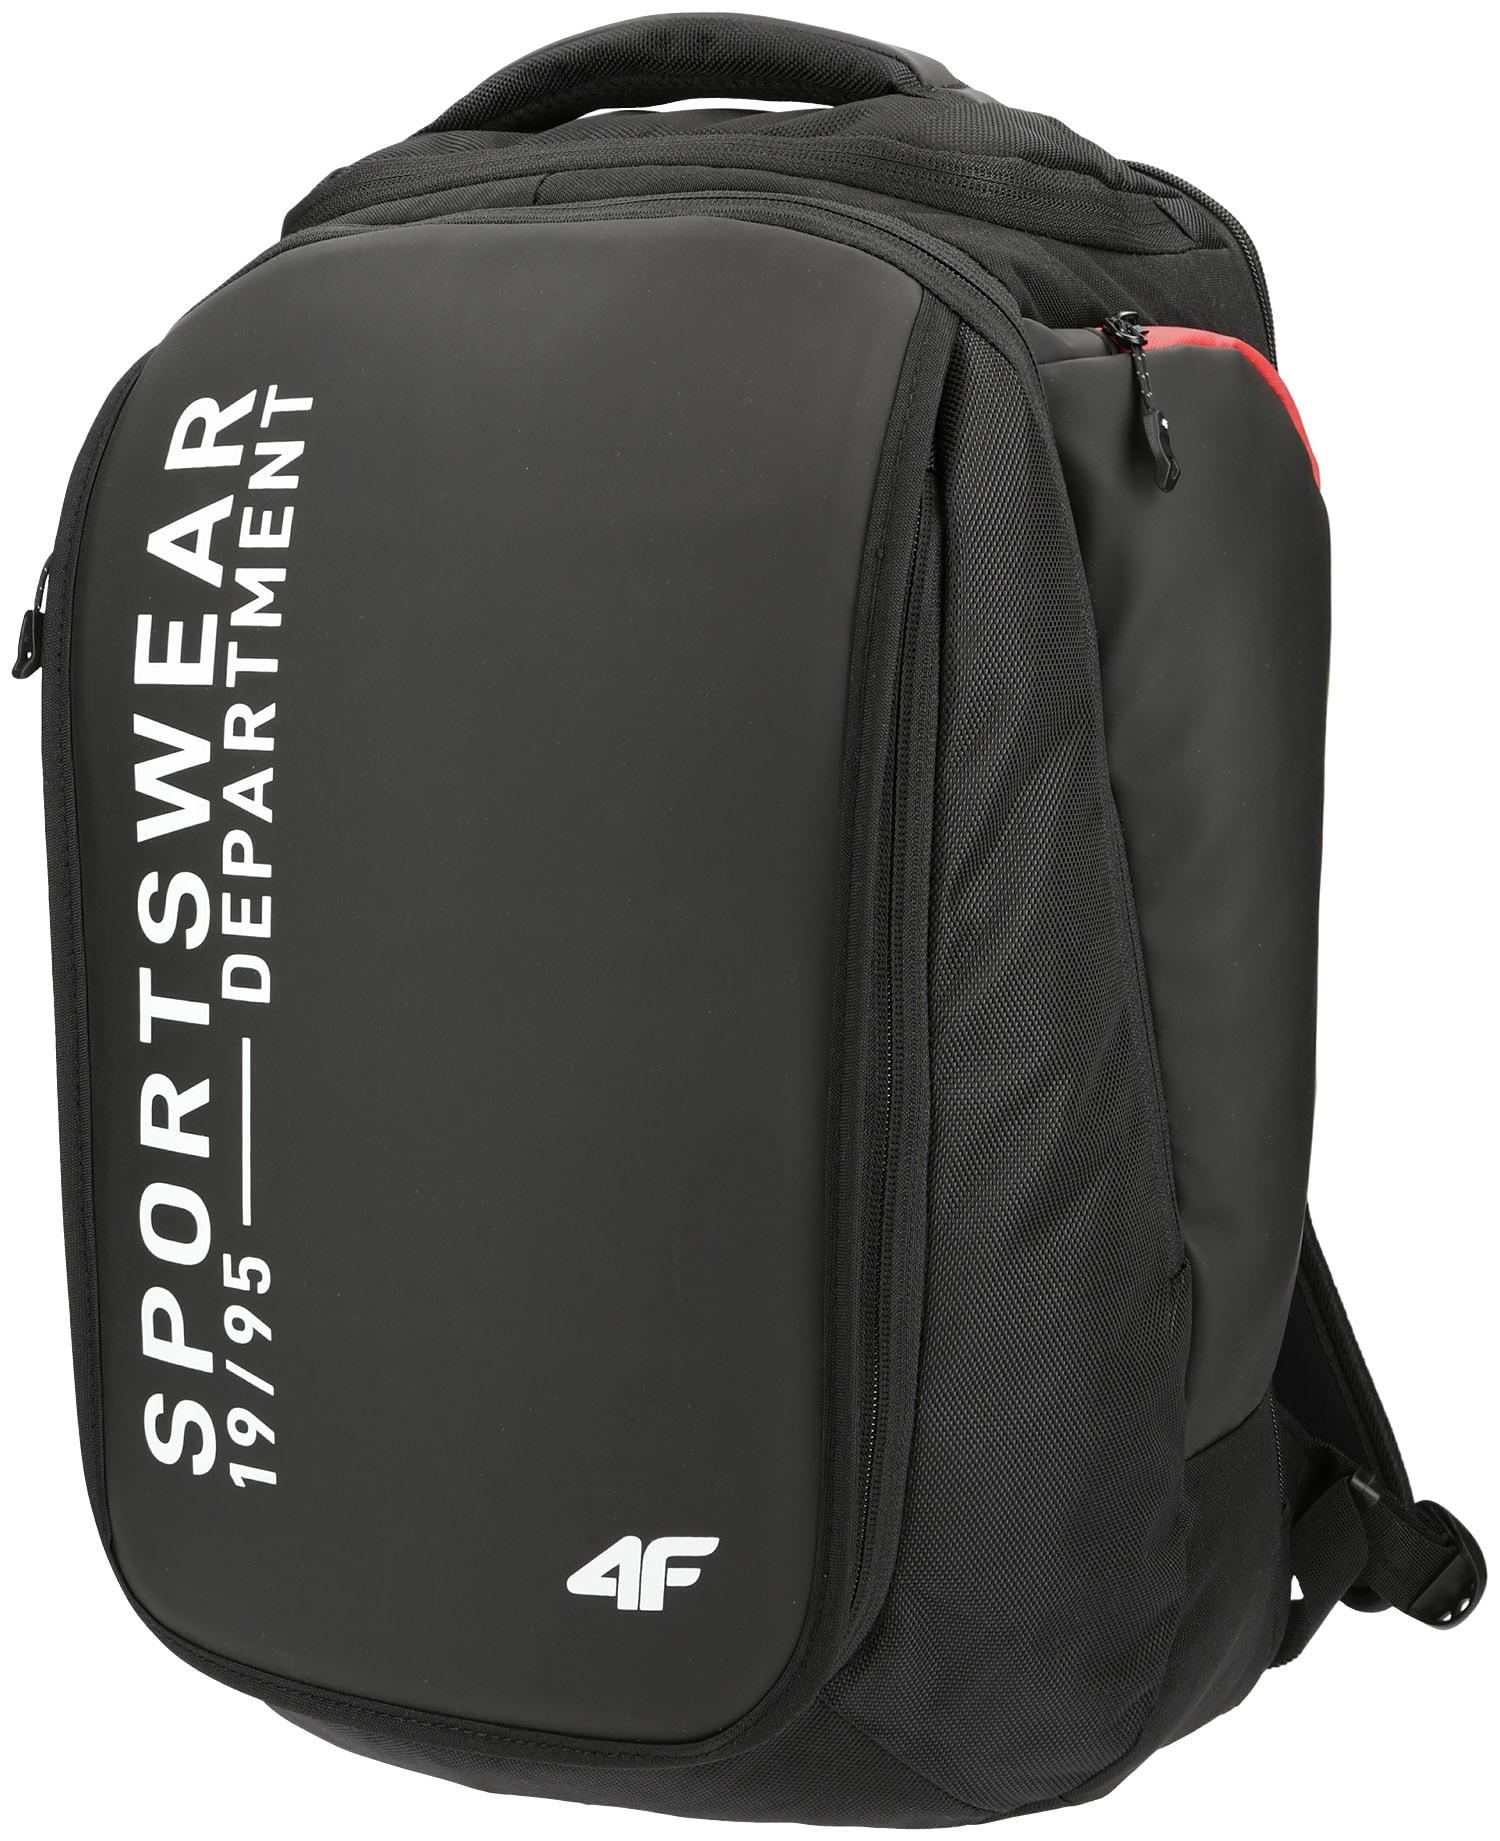 b98c9106da8a0 Plecak miejski PCF100 - głęboka czerń